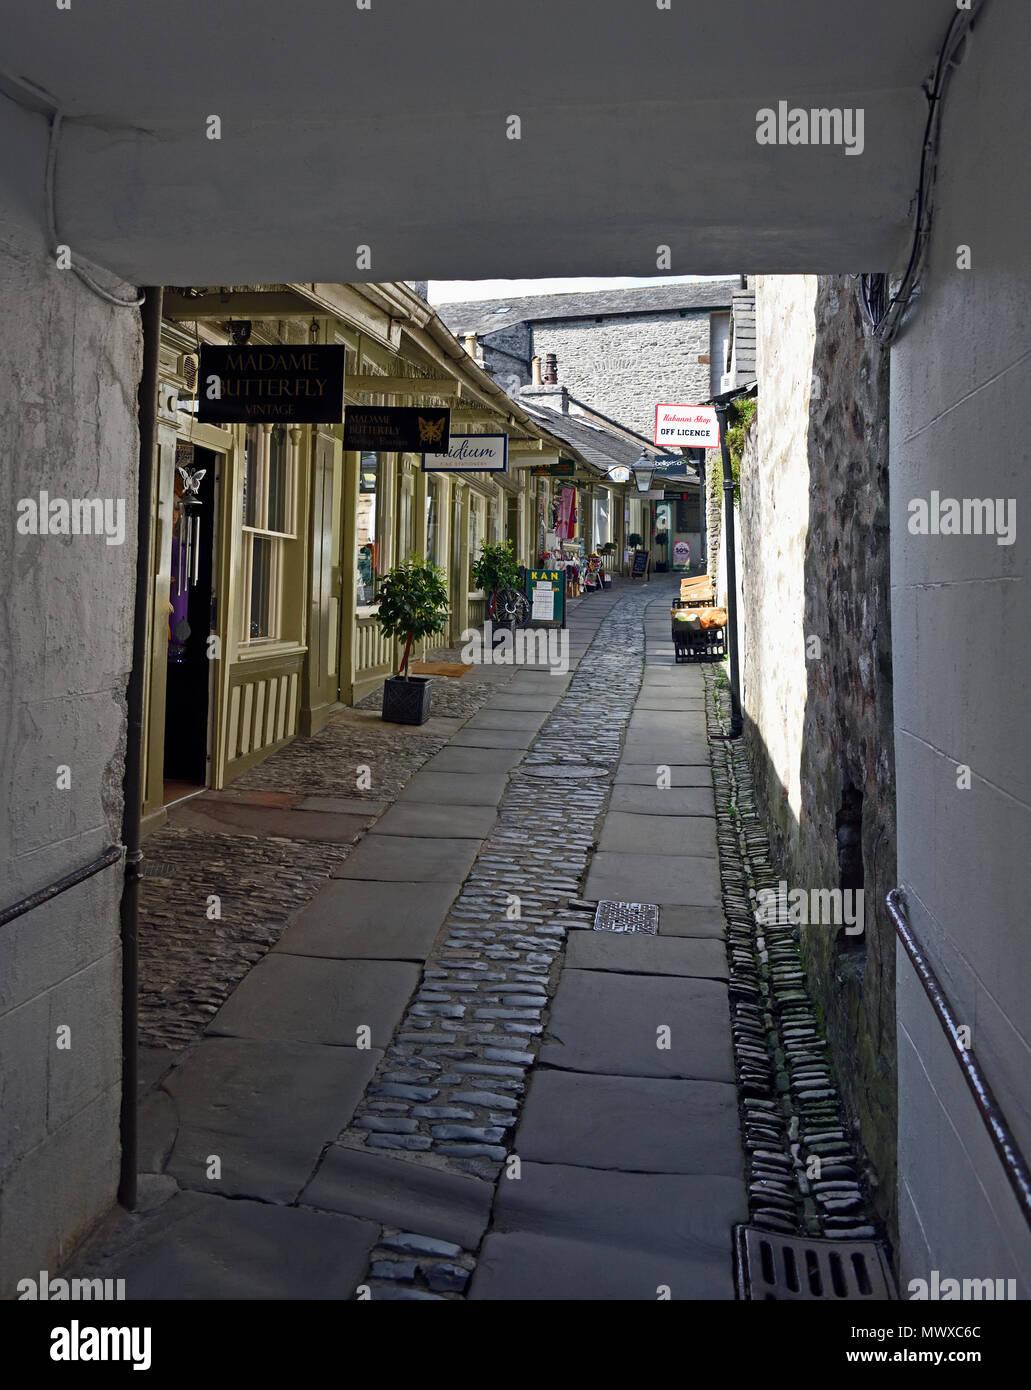 The New Shambles, Kendal, Cumbria, England, United Kingdom, Europe. - Stock Image